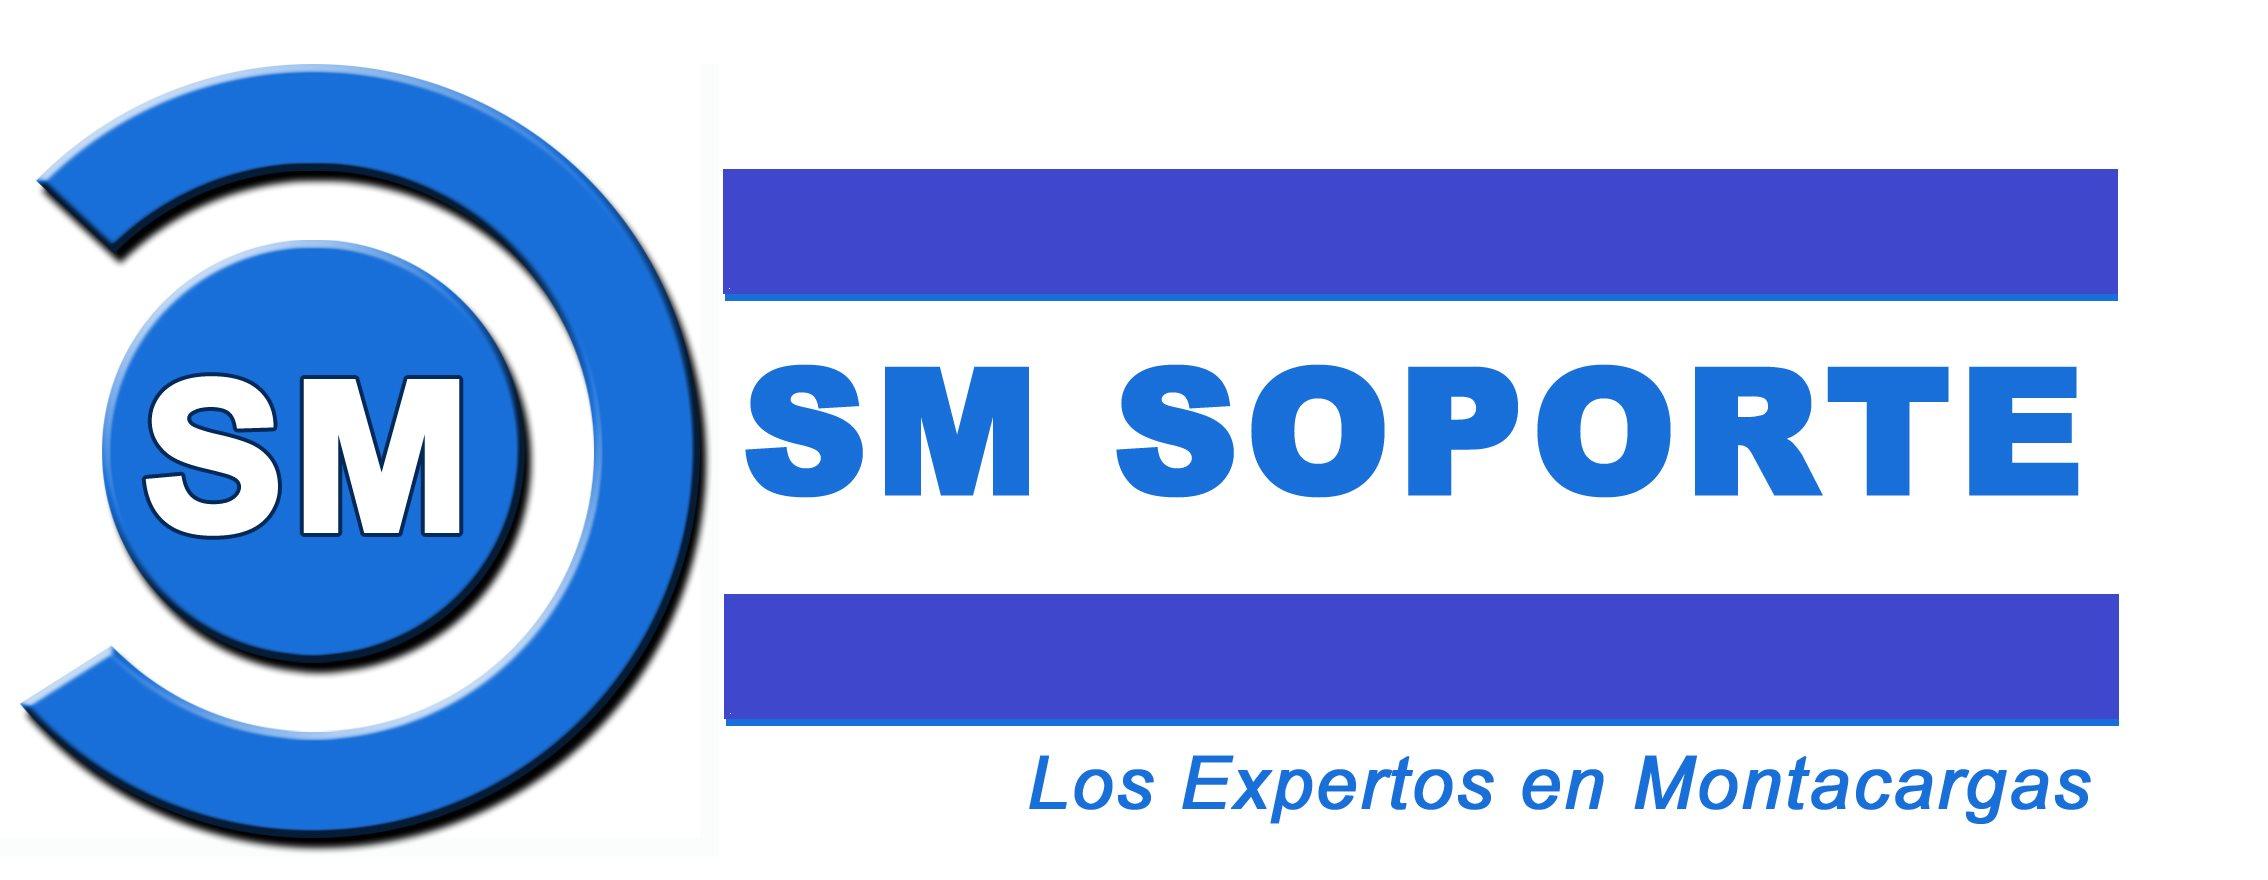 SMsoporte